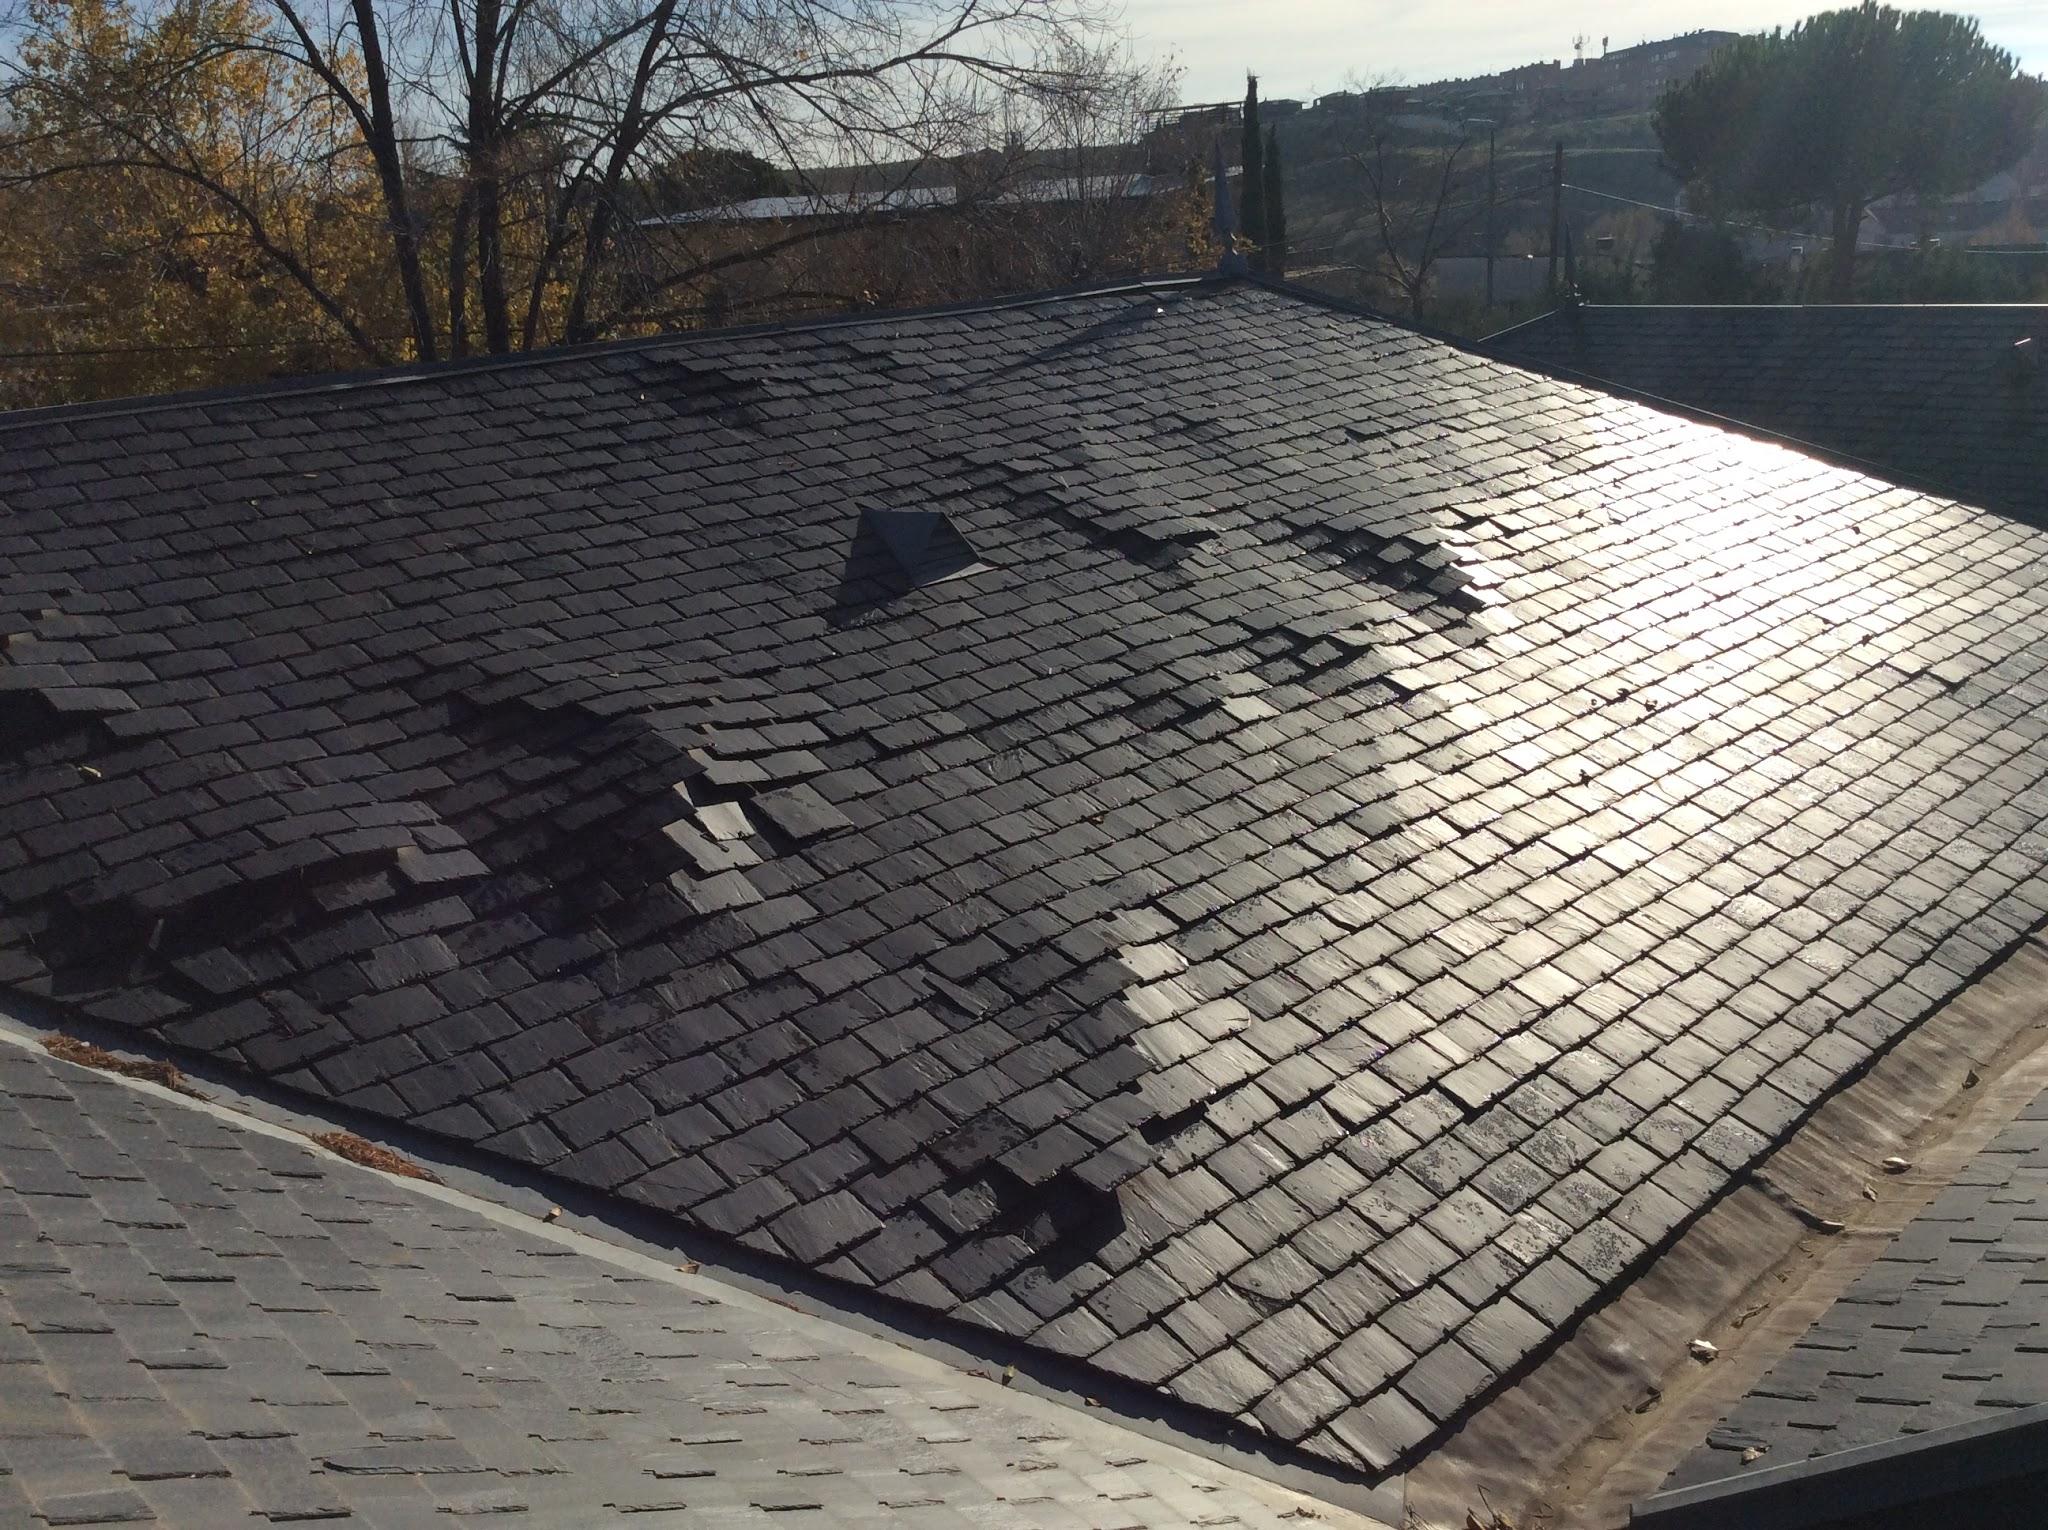 Reparaci n de tejados de pizarra madrid arreglo de goteras - Cubierta de pizarra ...